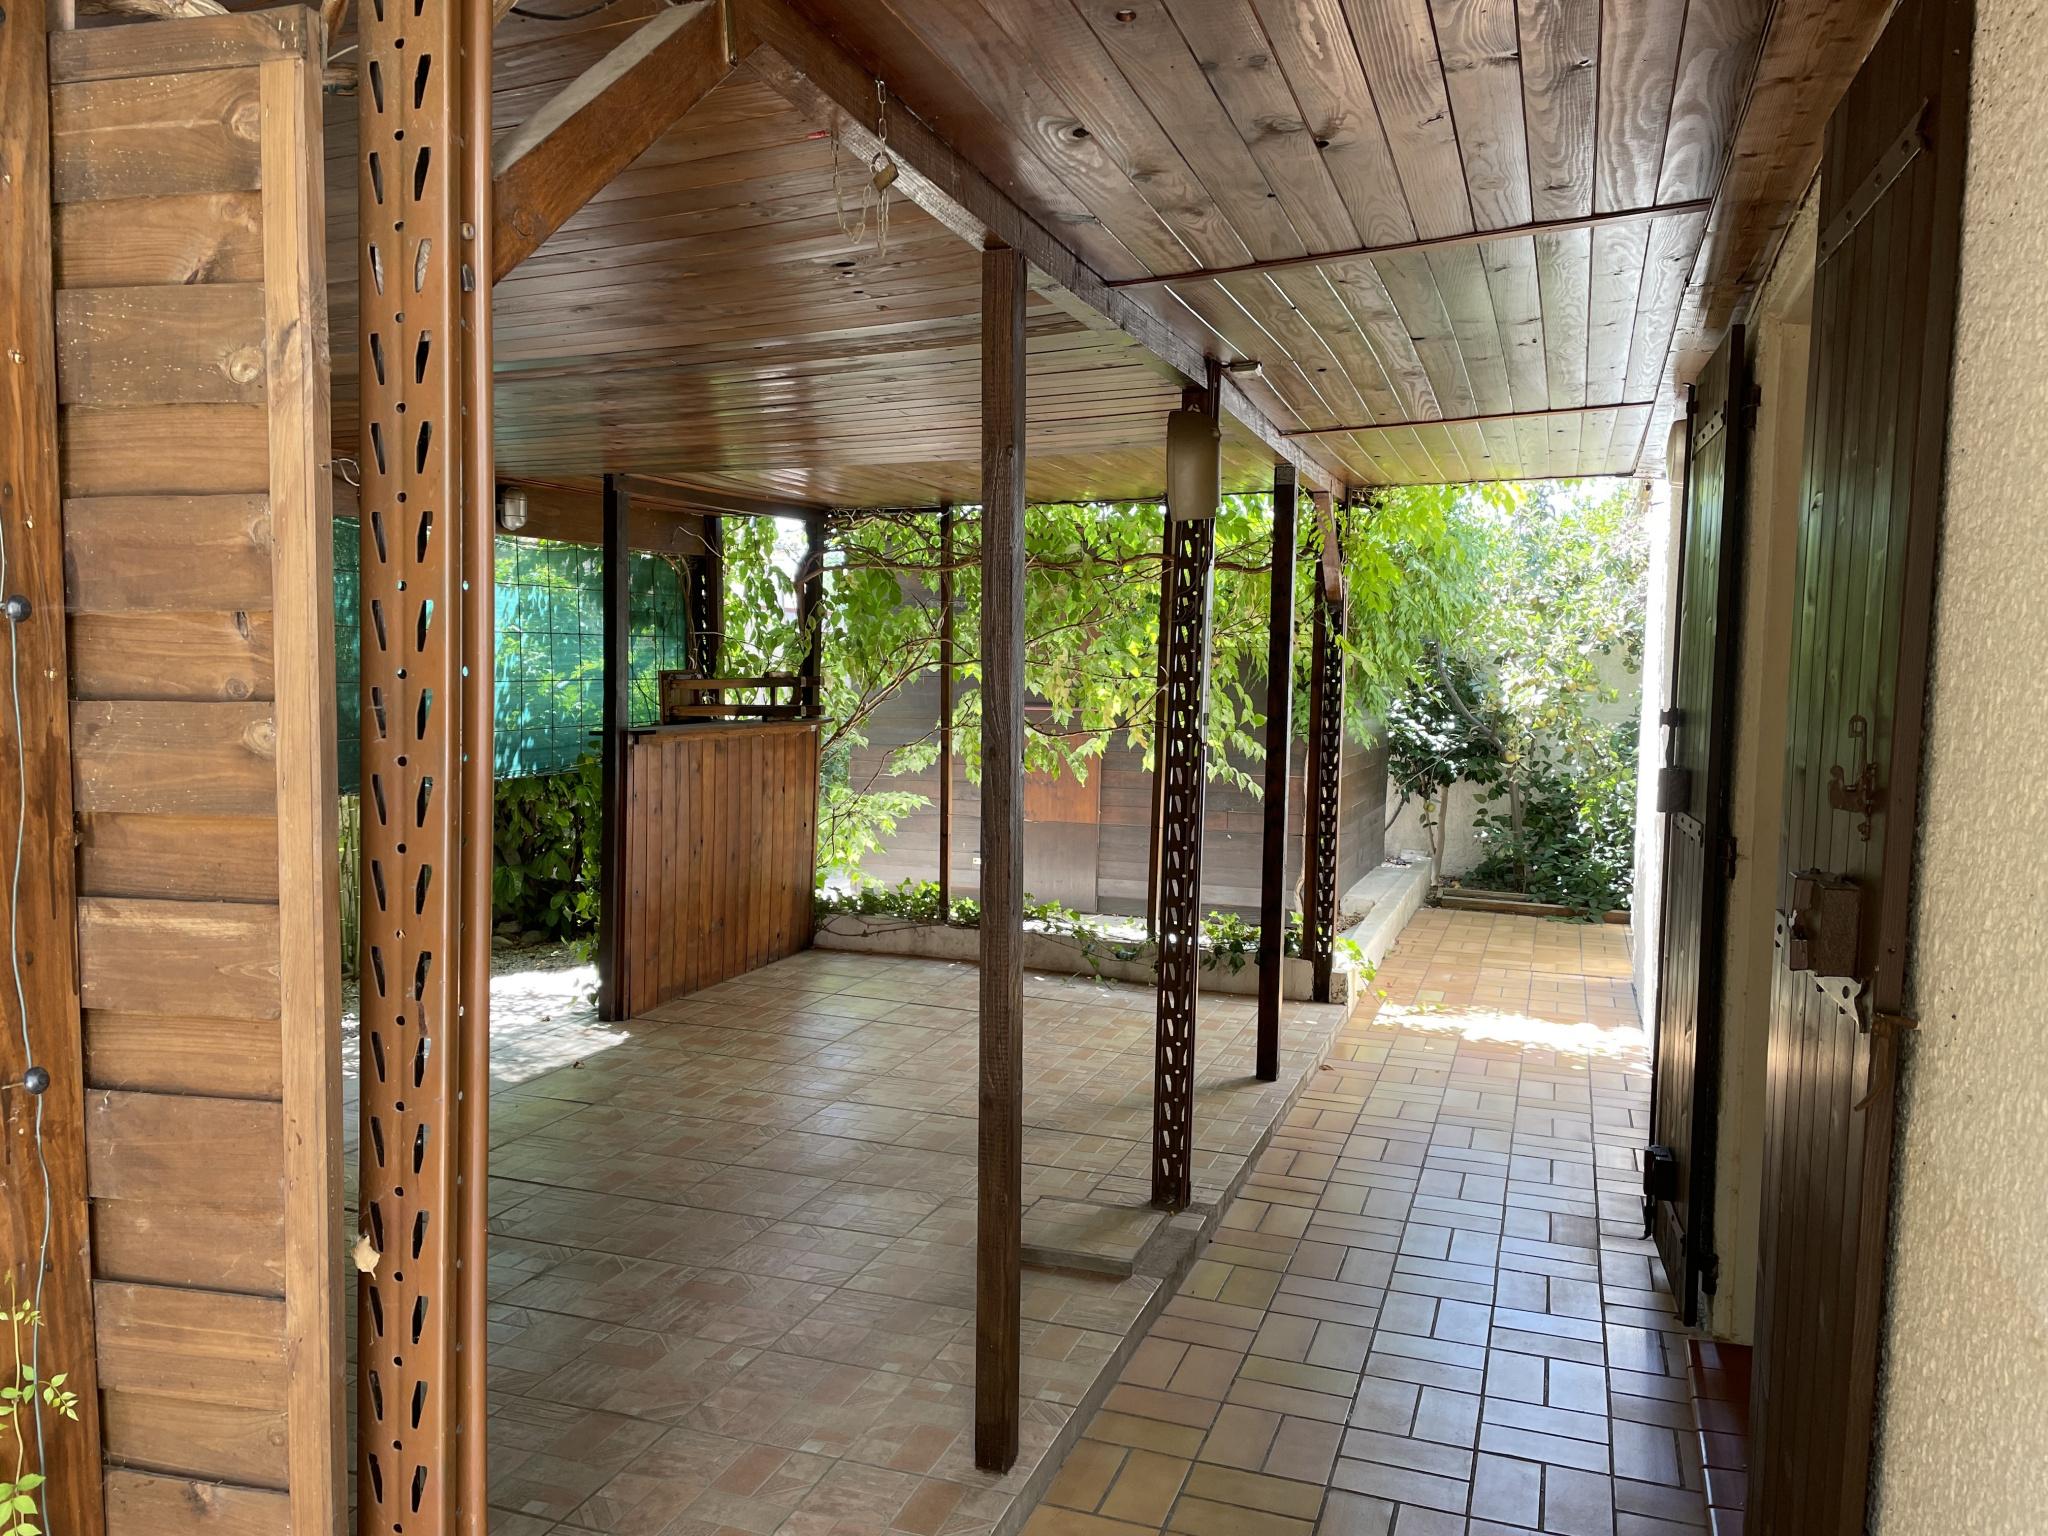 À vendre maison/villa de 100m2 à st genis des fontaines (66740) - Photo 10'